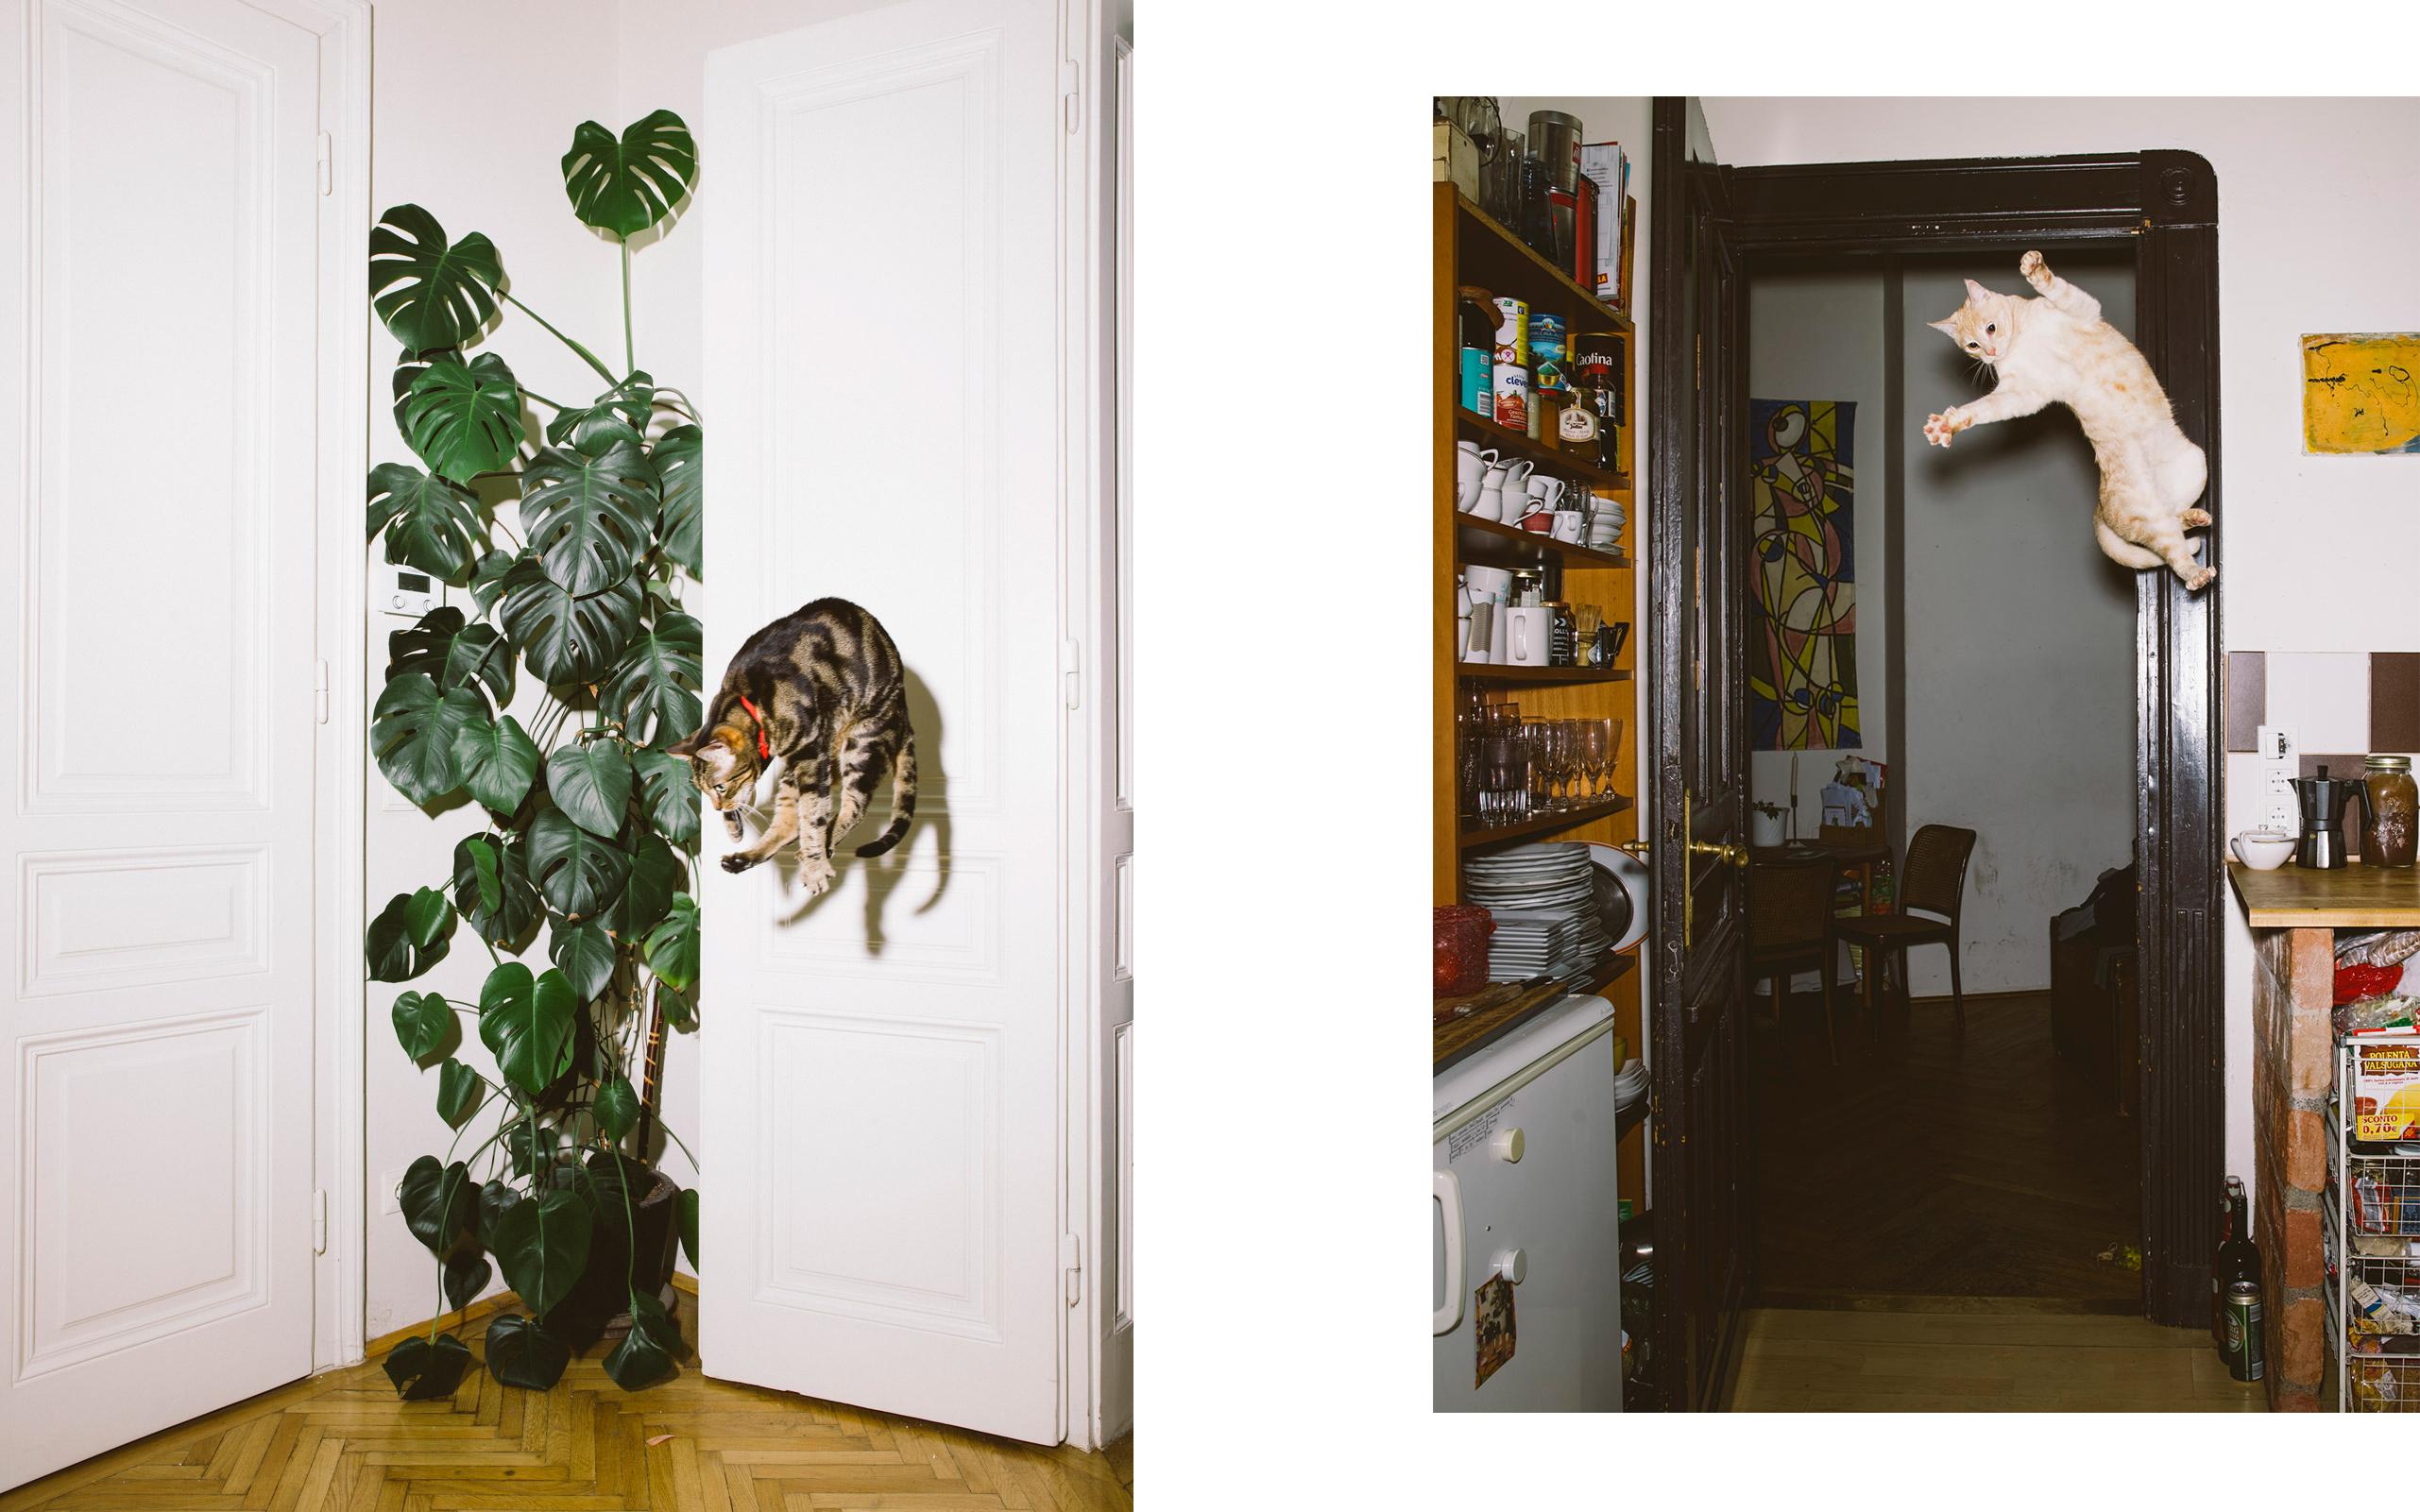 Los gatos voladores de Daniel Gebhart de Koekkoek